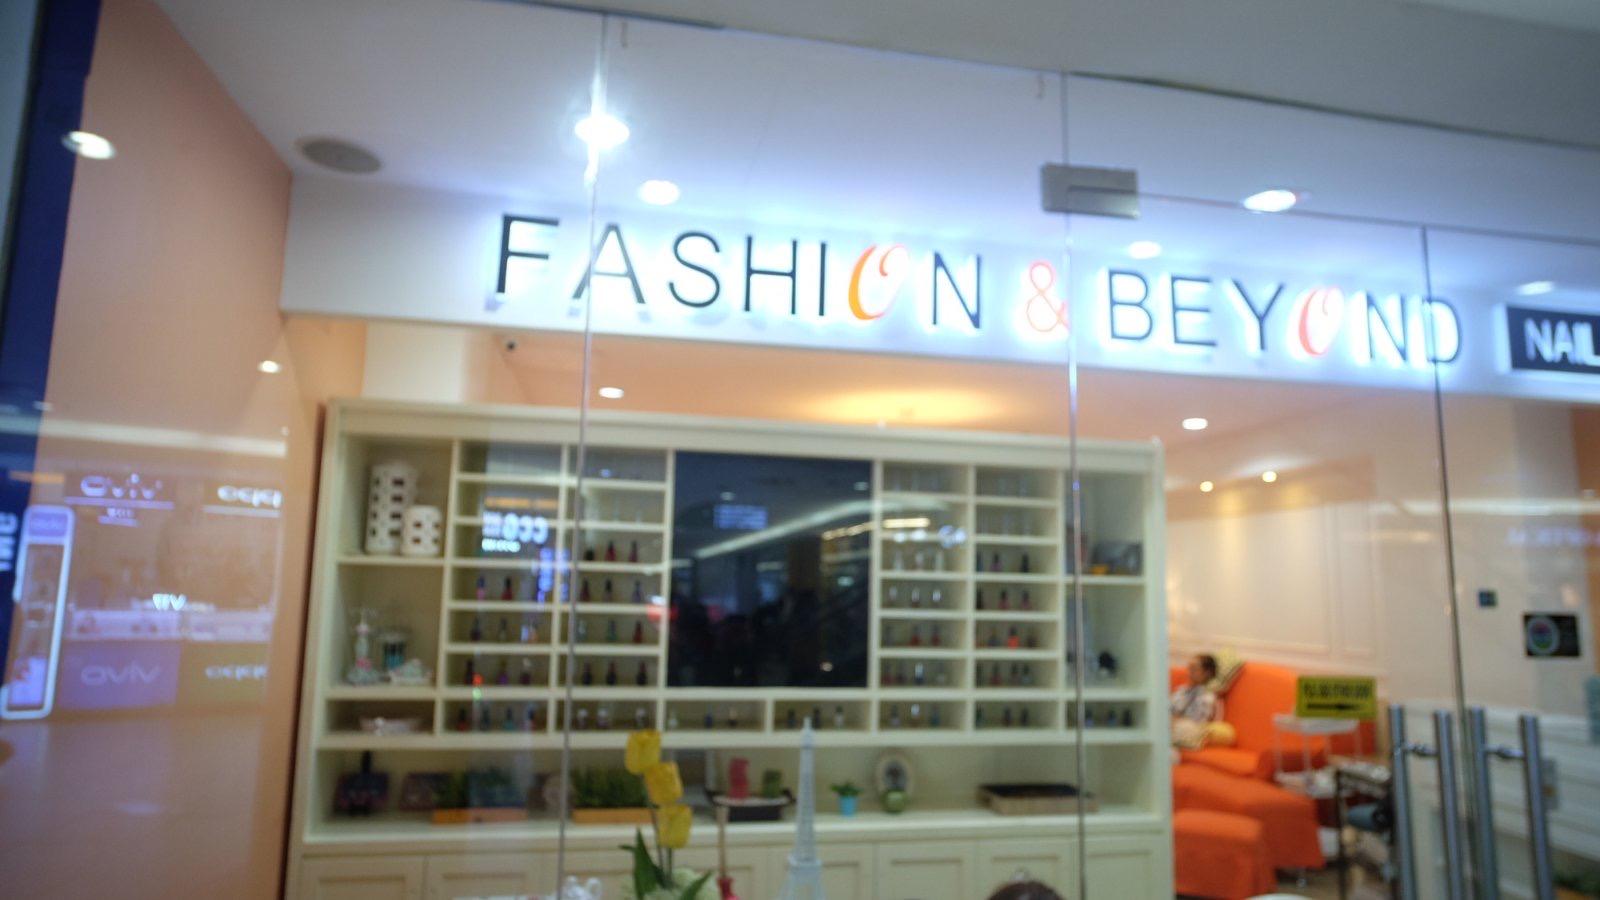 Fashion & Beyond Nail Spa